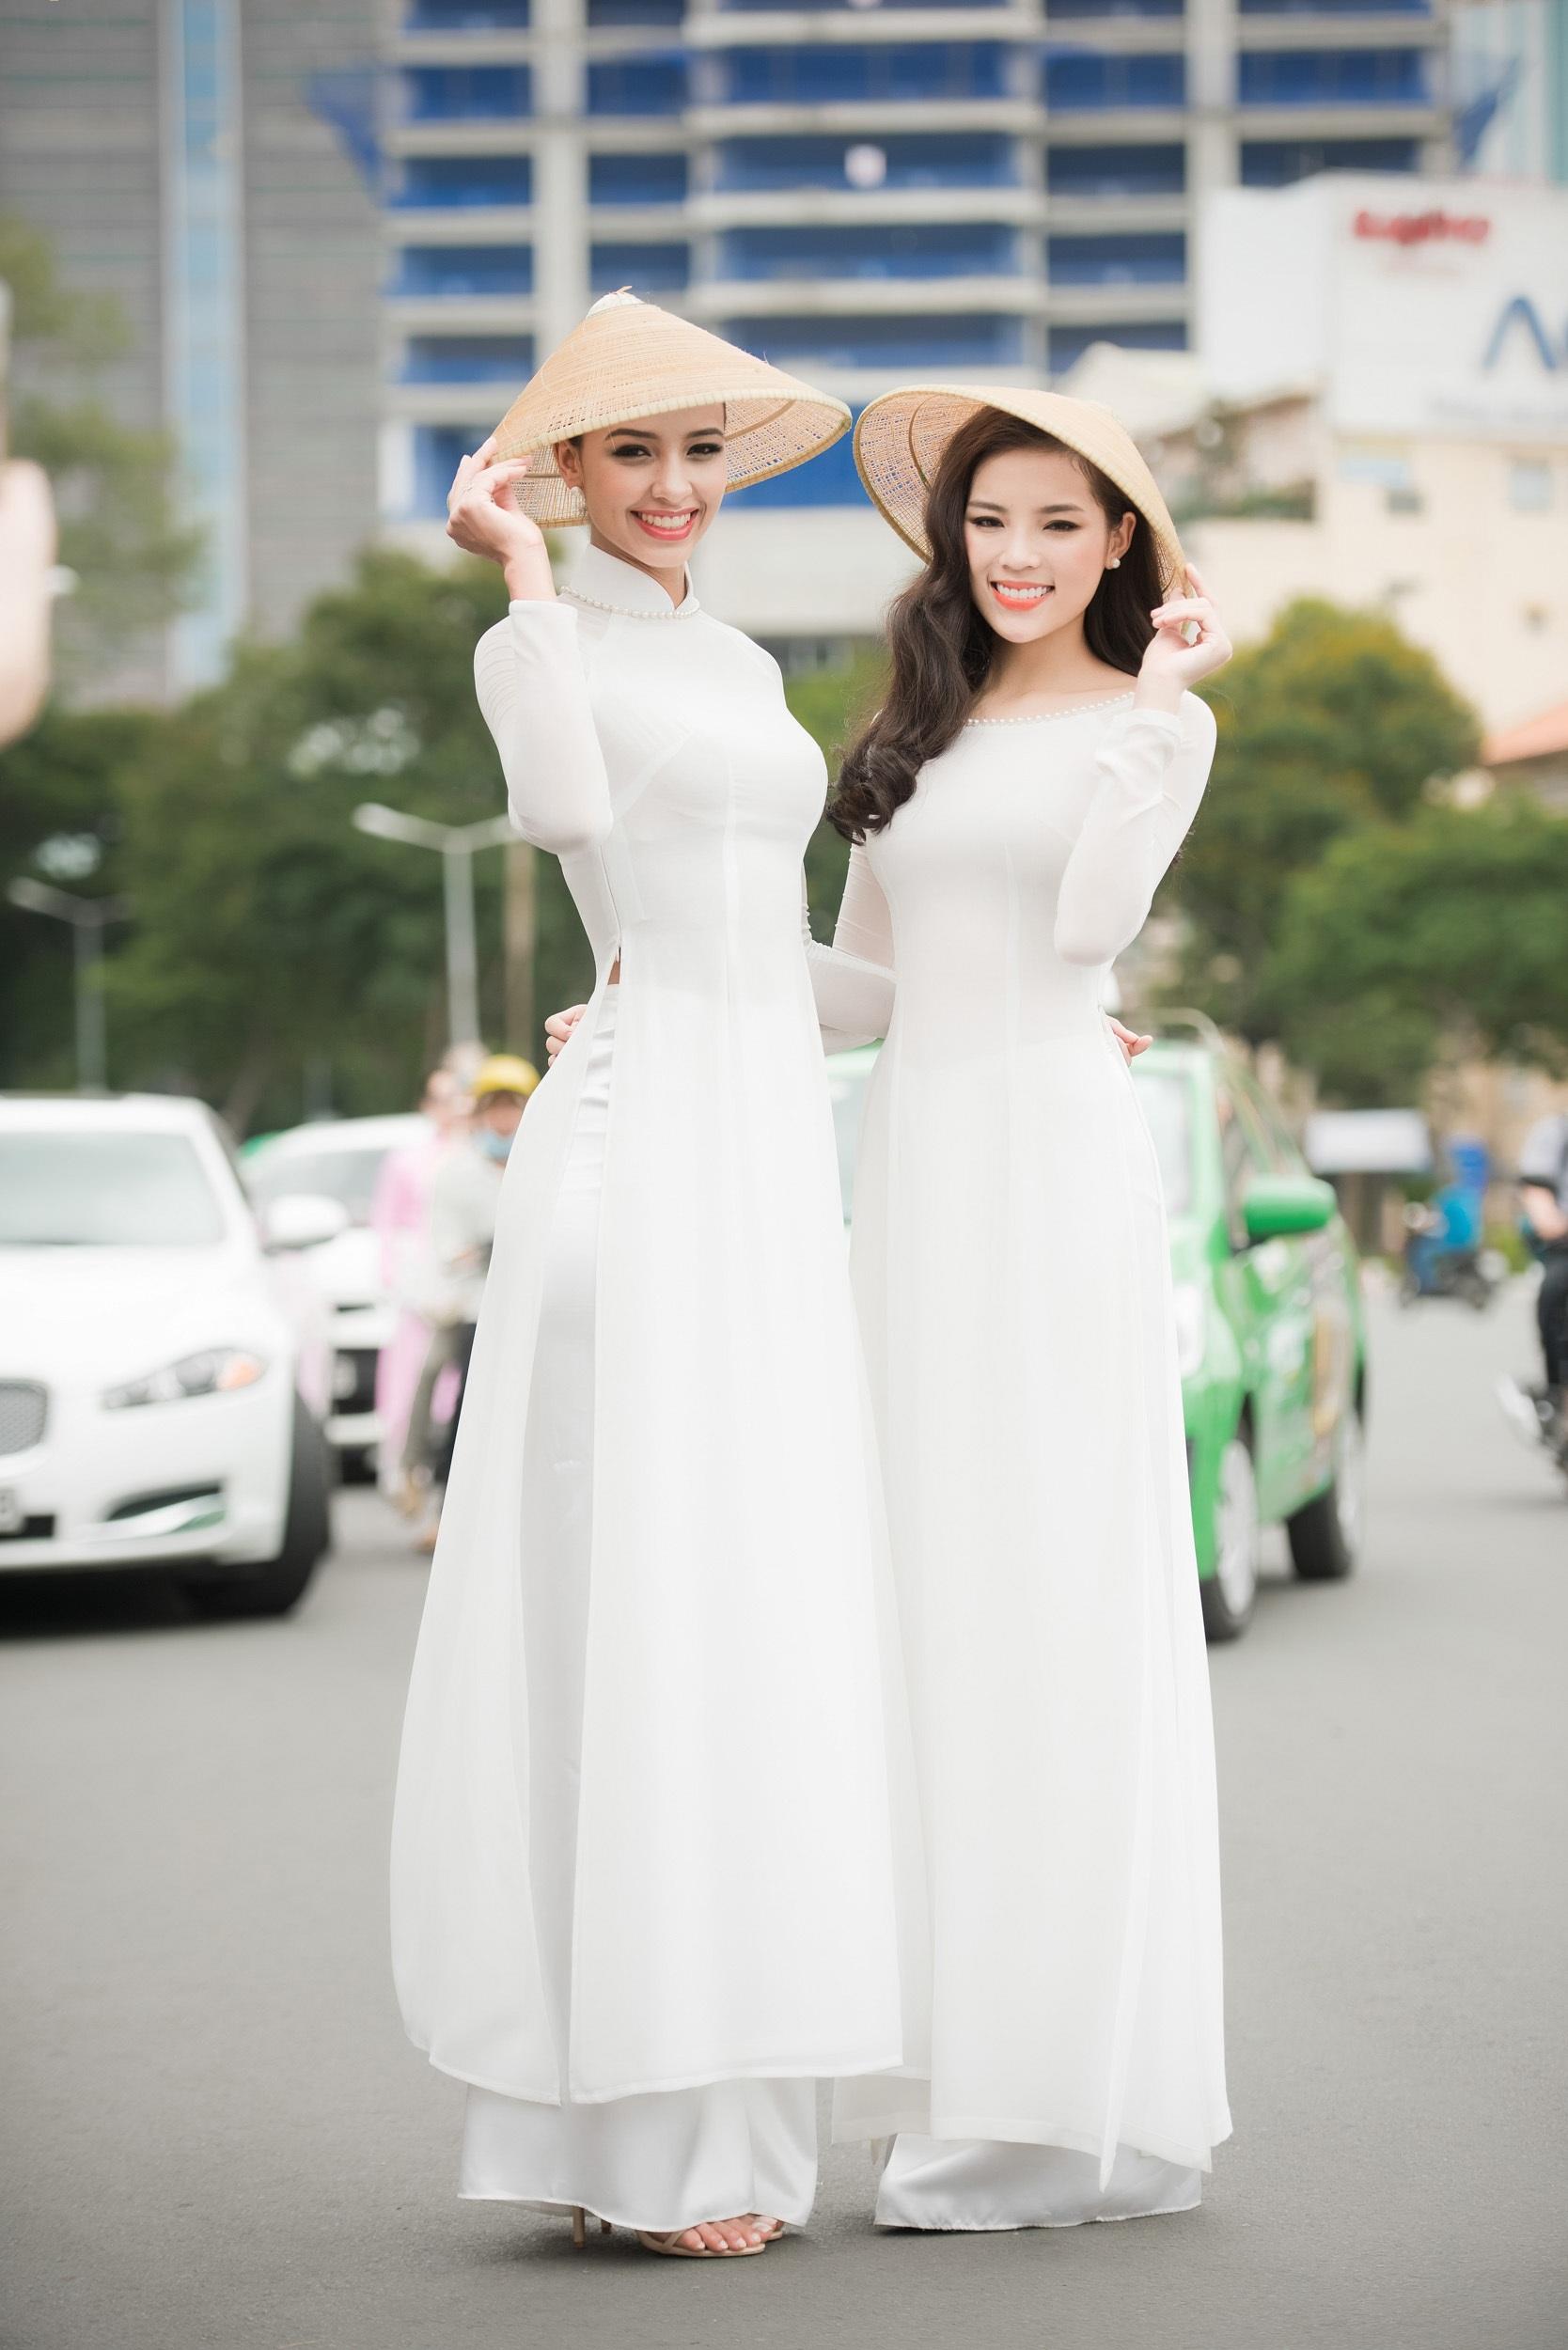 Hoa hậu Pháp cùng Kỳ Duyên thướt tha áo dài dạo phố - 3